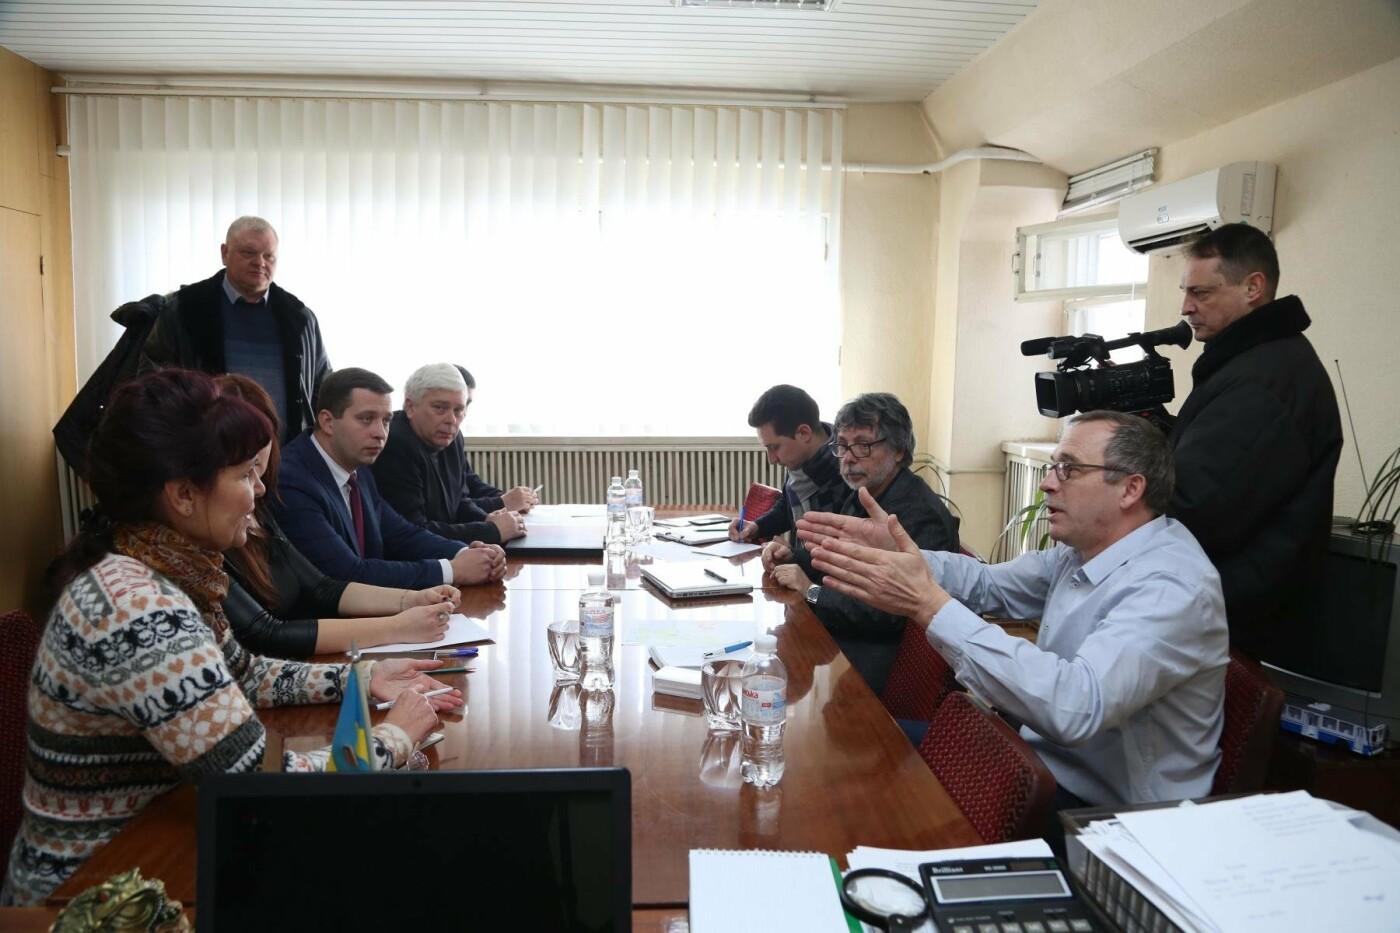 Эксперты ЕБРР с криворжскими чиновниками готовят обоснования для покупки новых троллейбусов , фото-1